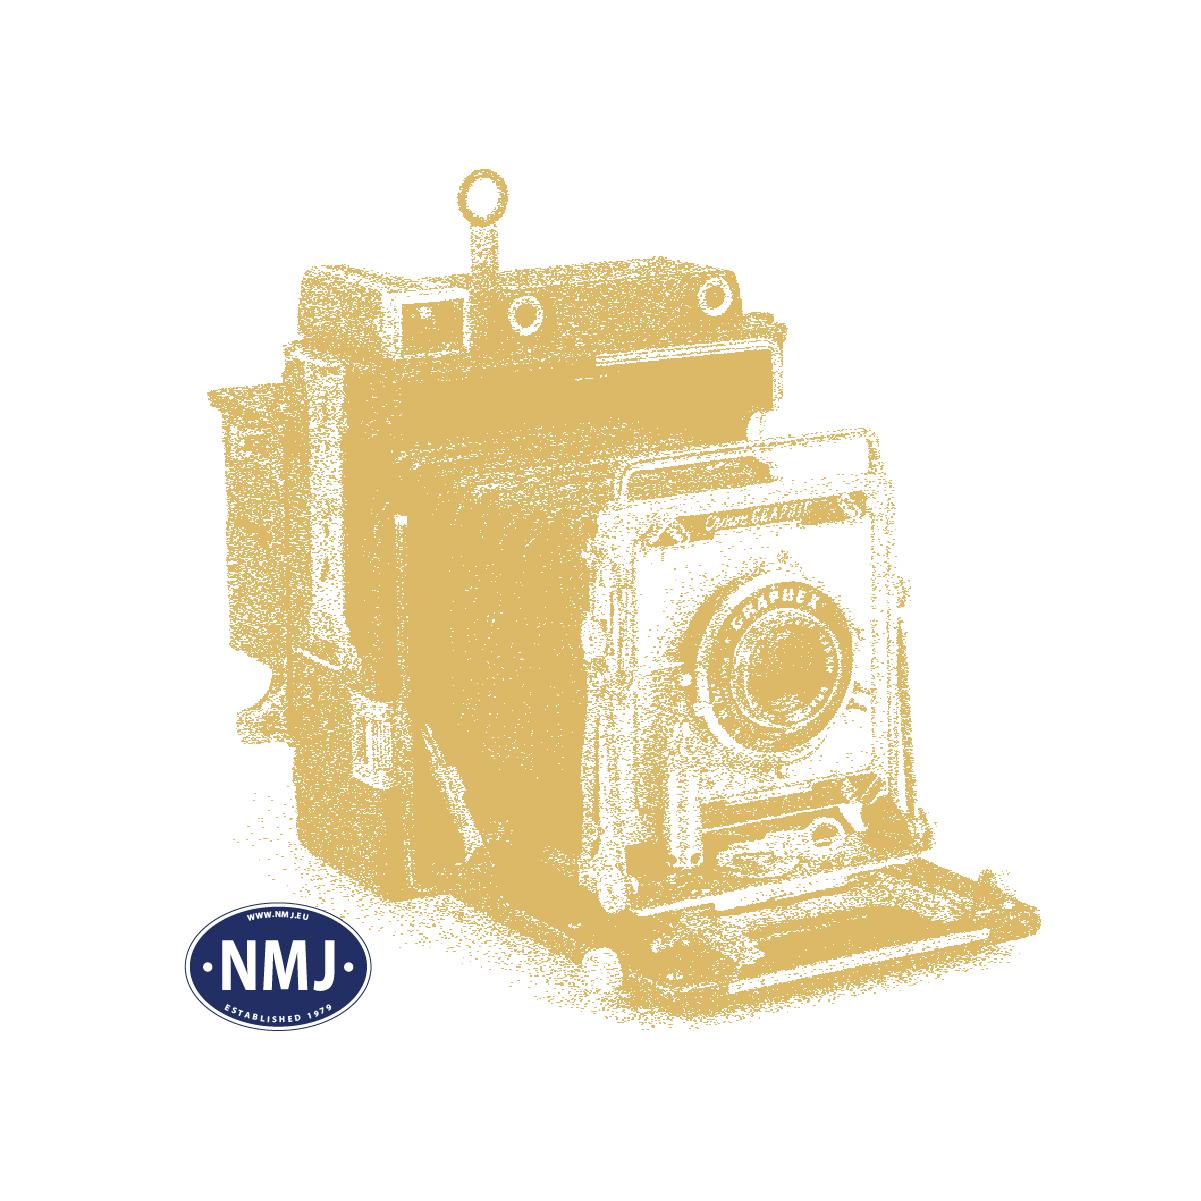 NMJH15114 - NMJ Skyline Undergang/Bro, Mørk utgave, Ferdigmodell